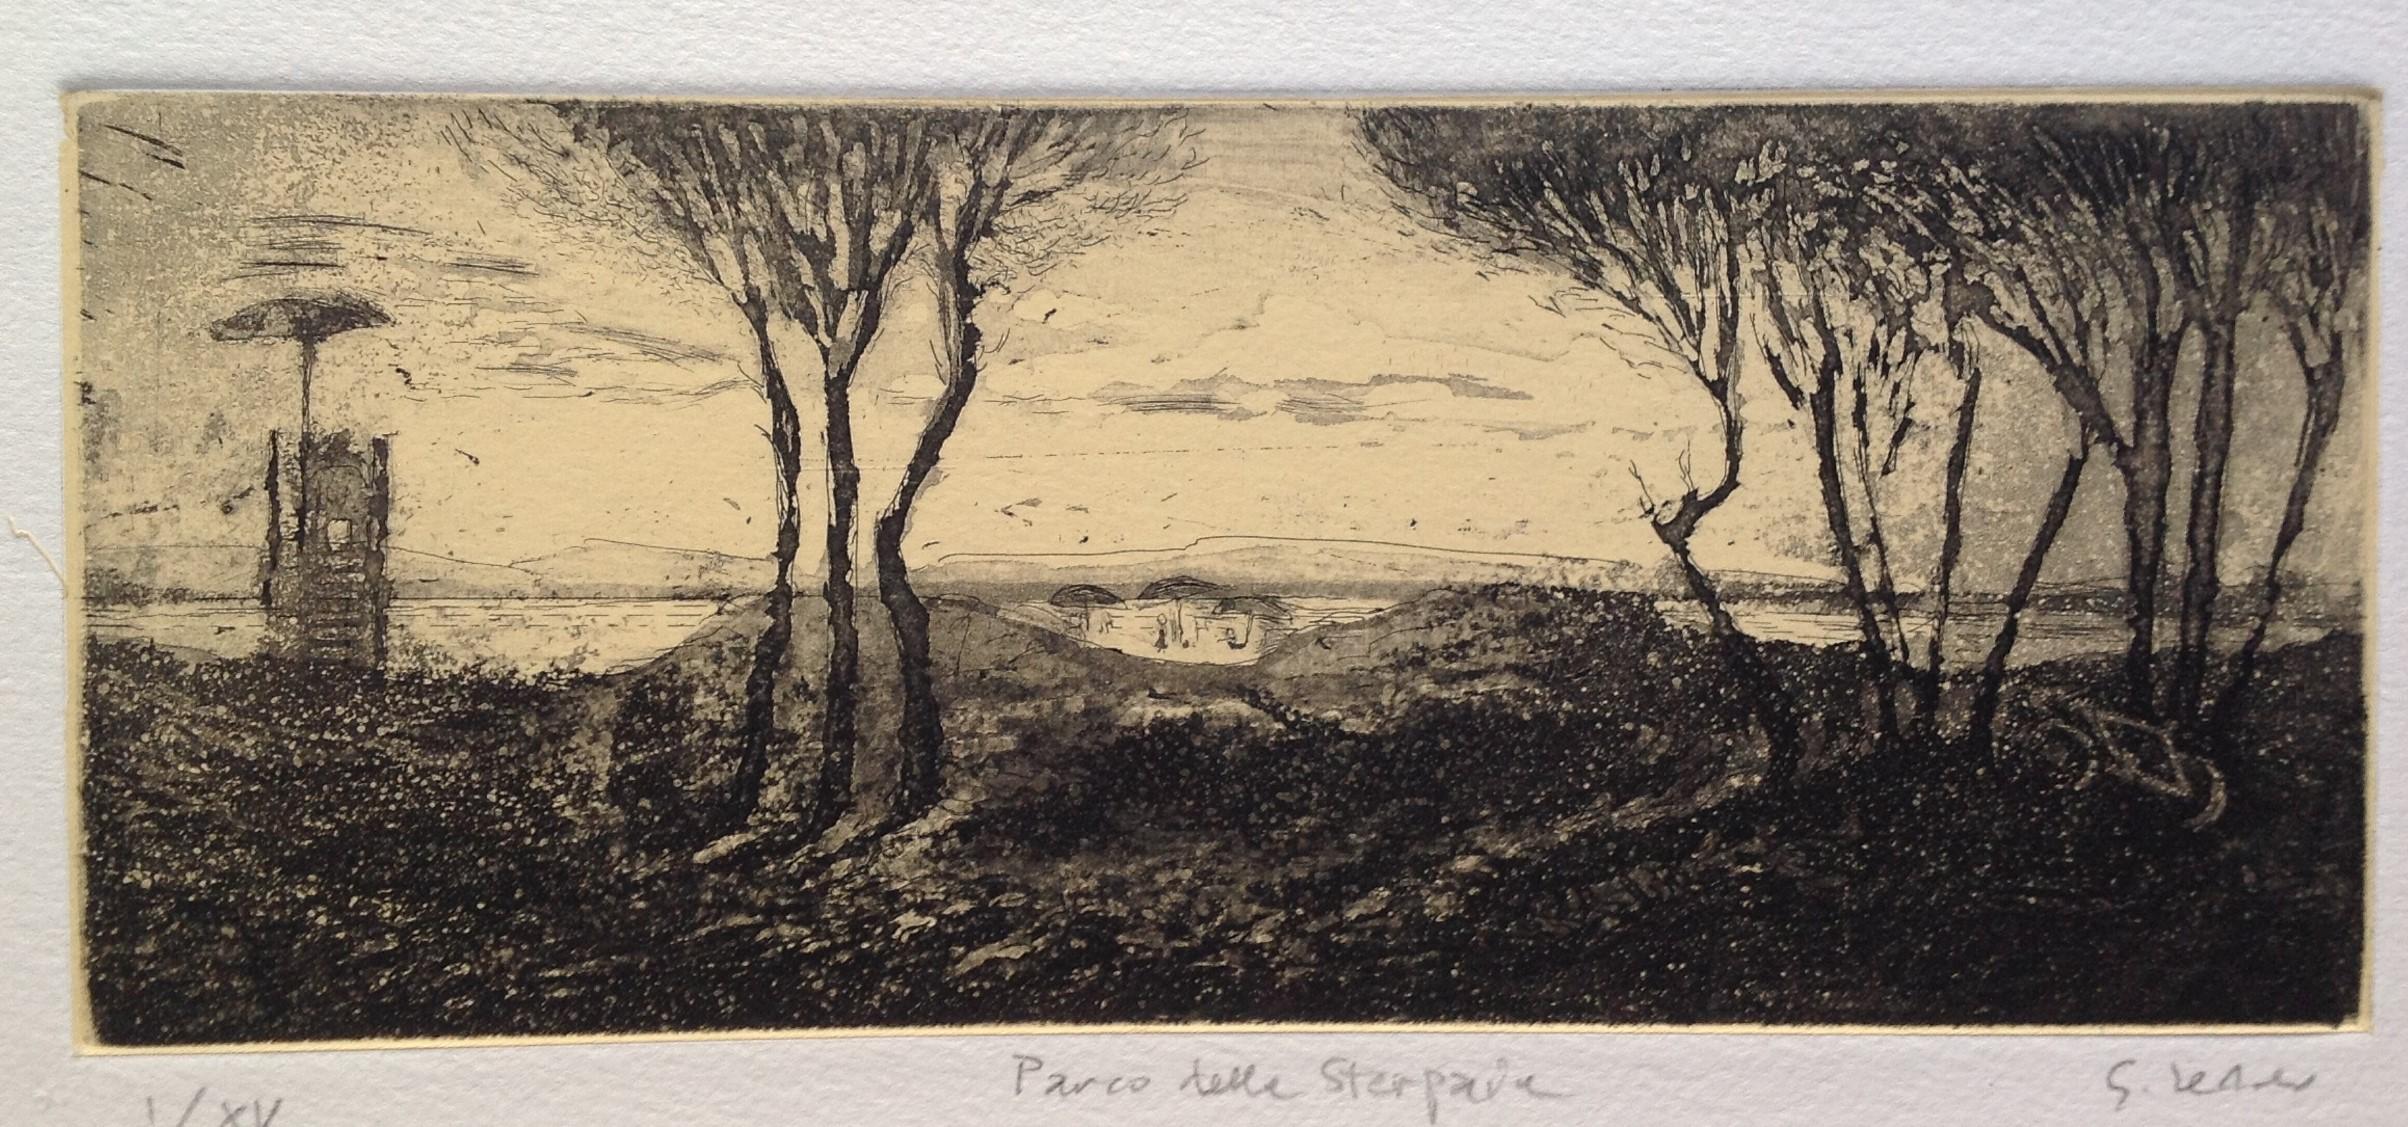 Parco della Sterpaia